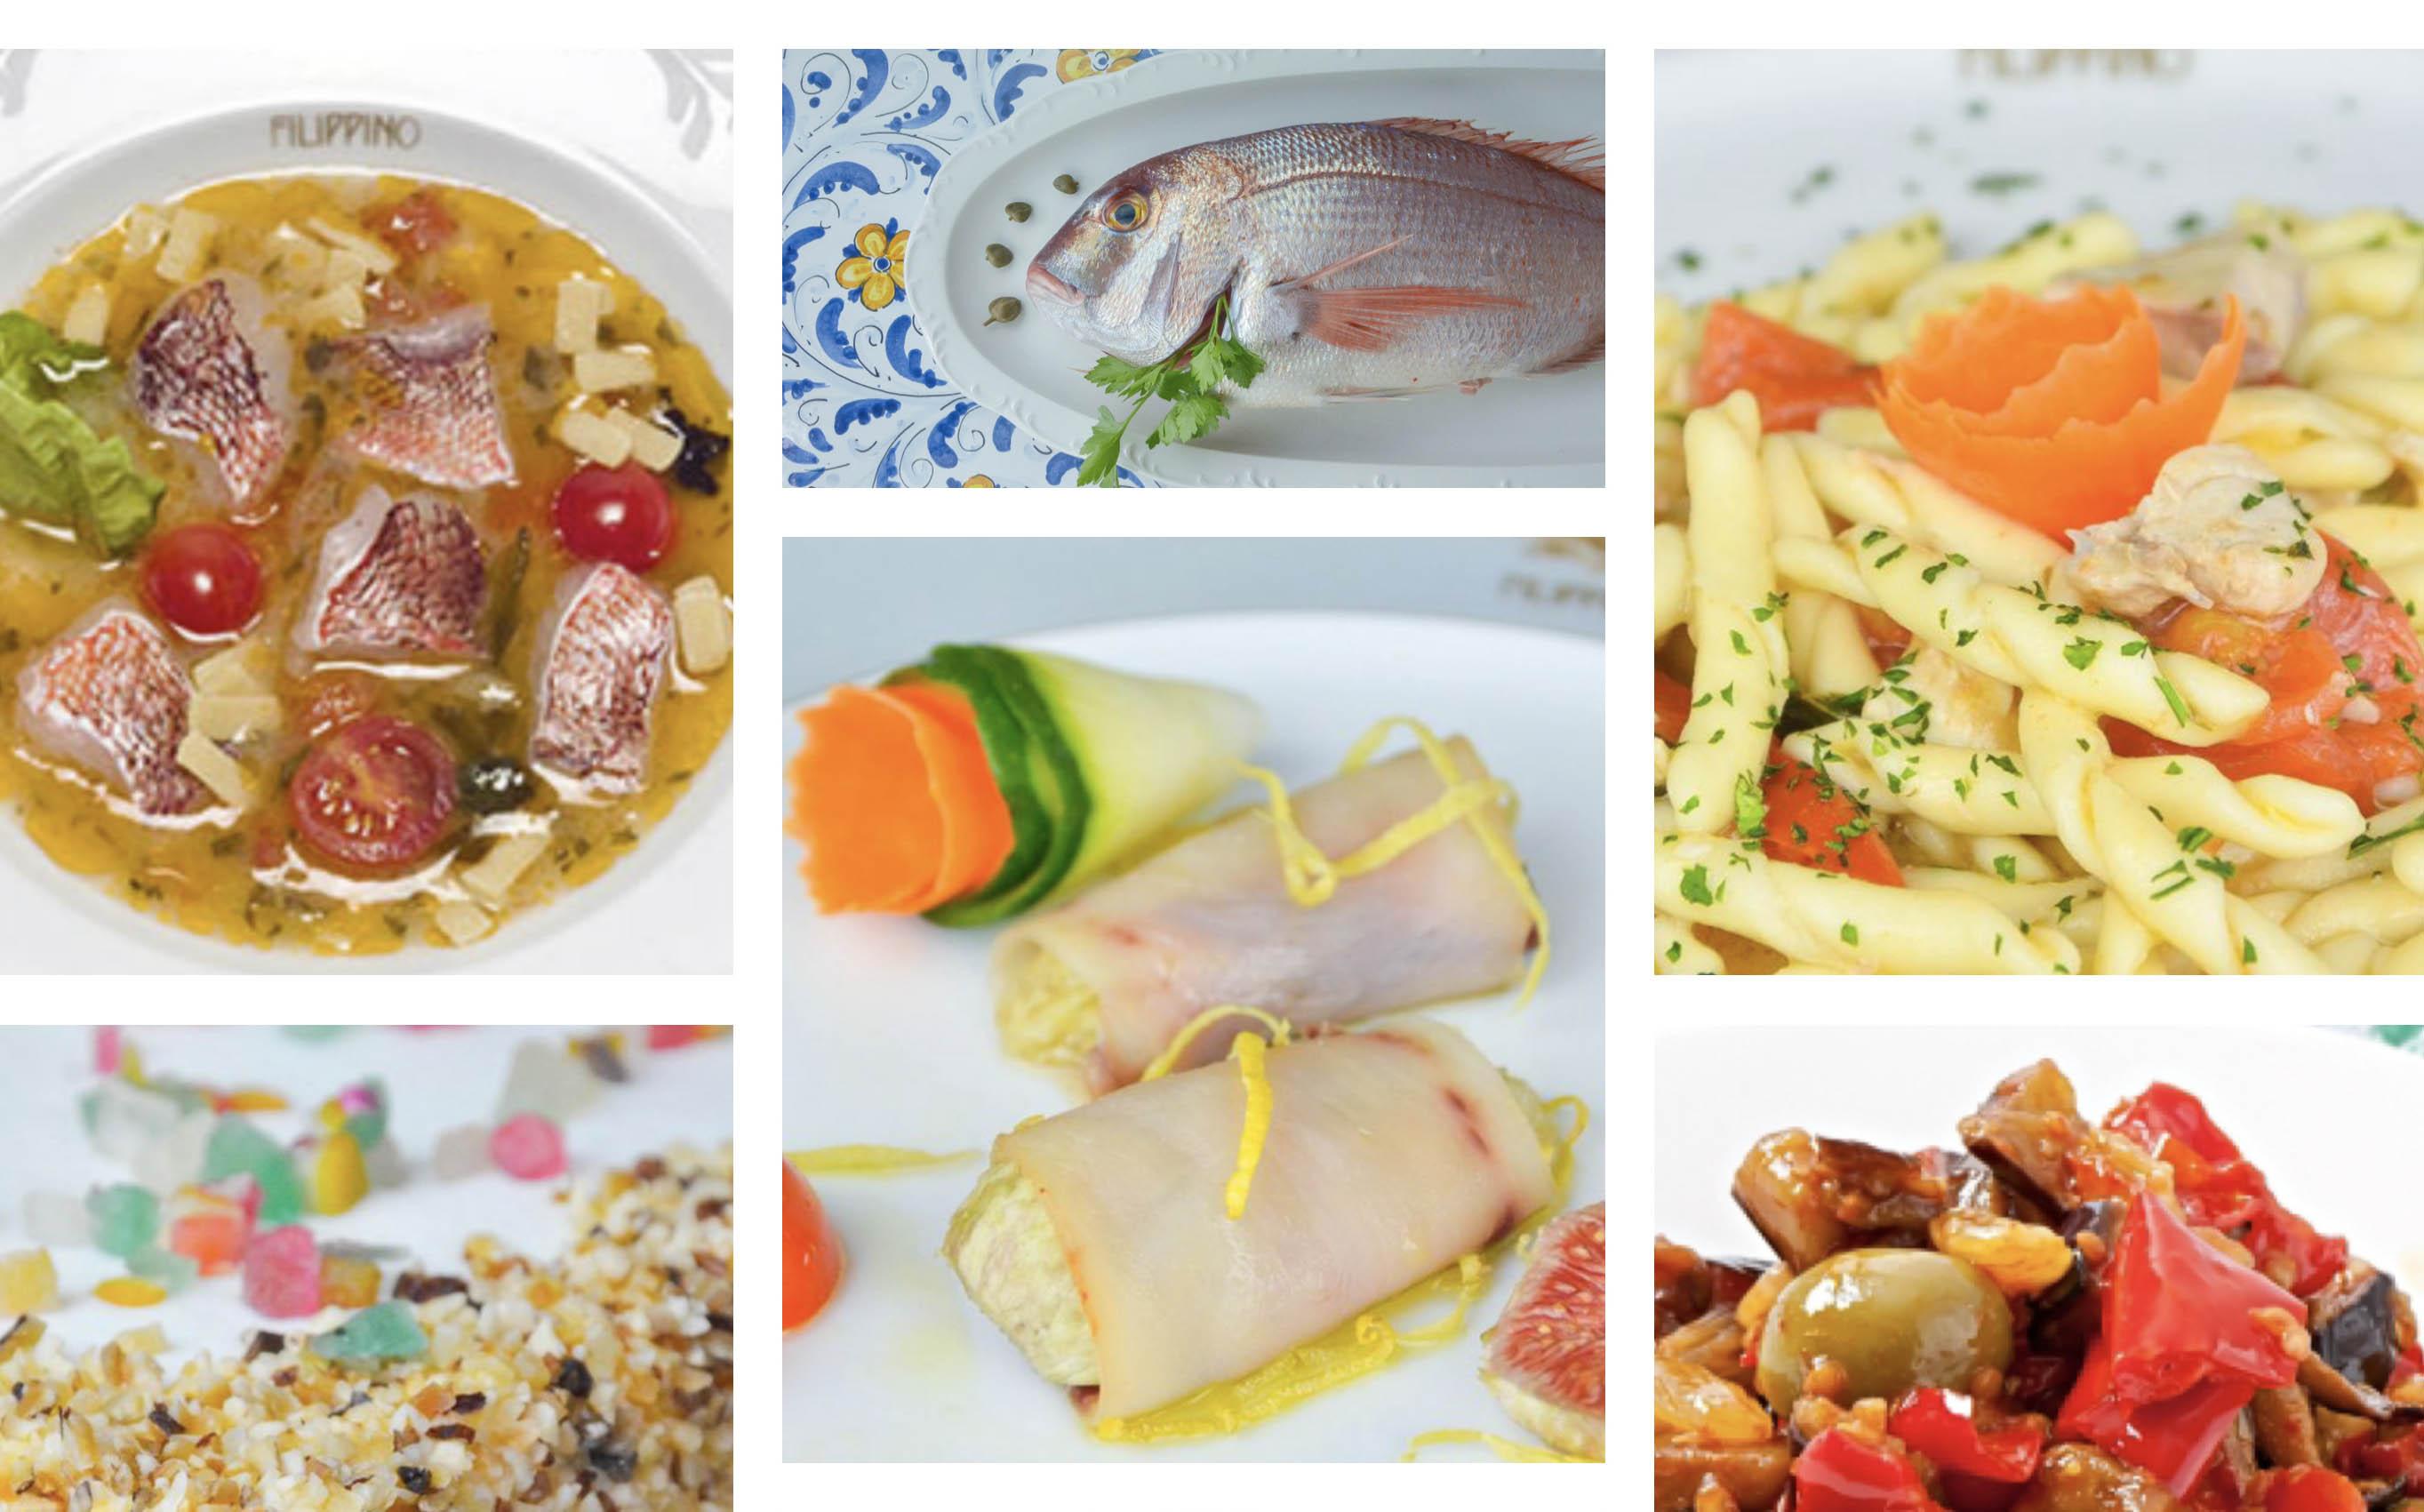 colori-cucina-tipica-eoliana-ristorante-filippino-lipari.jpg